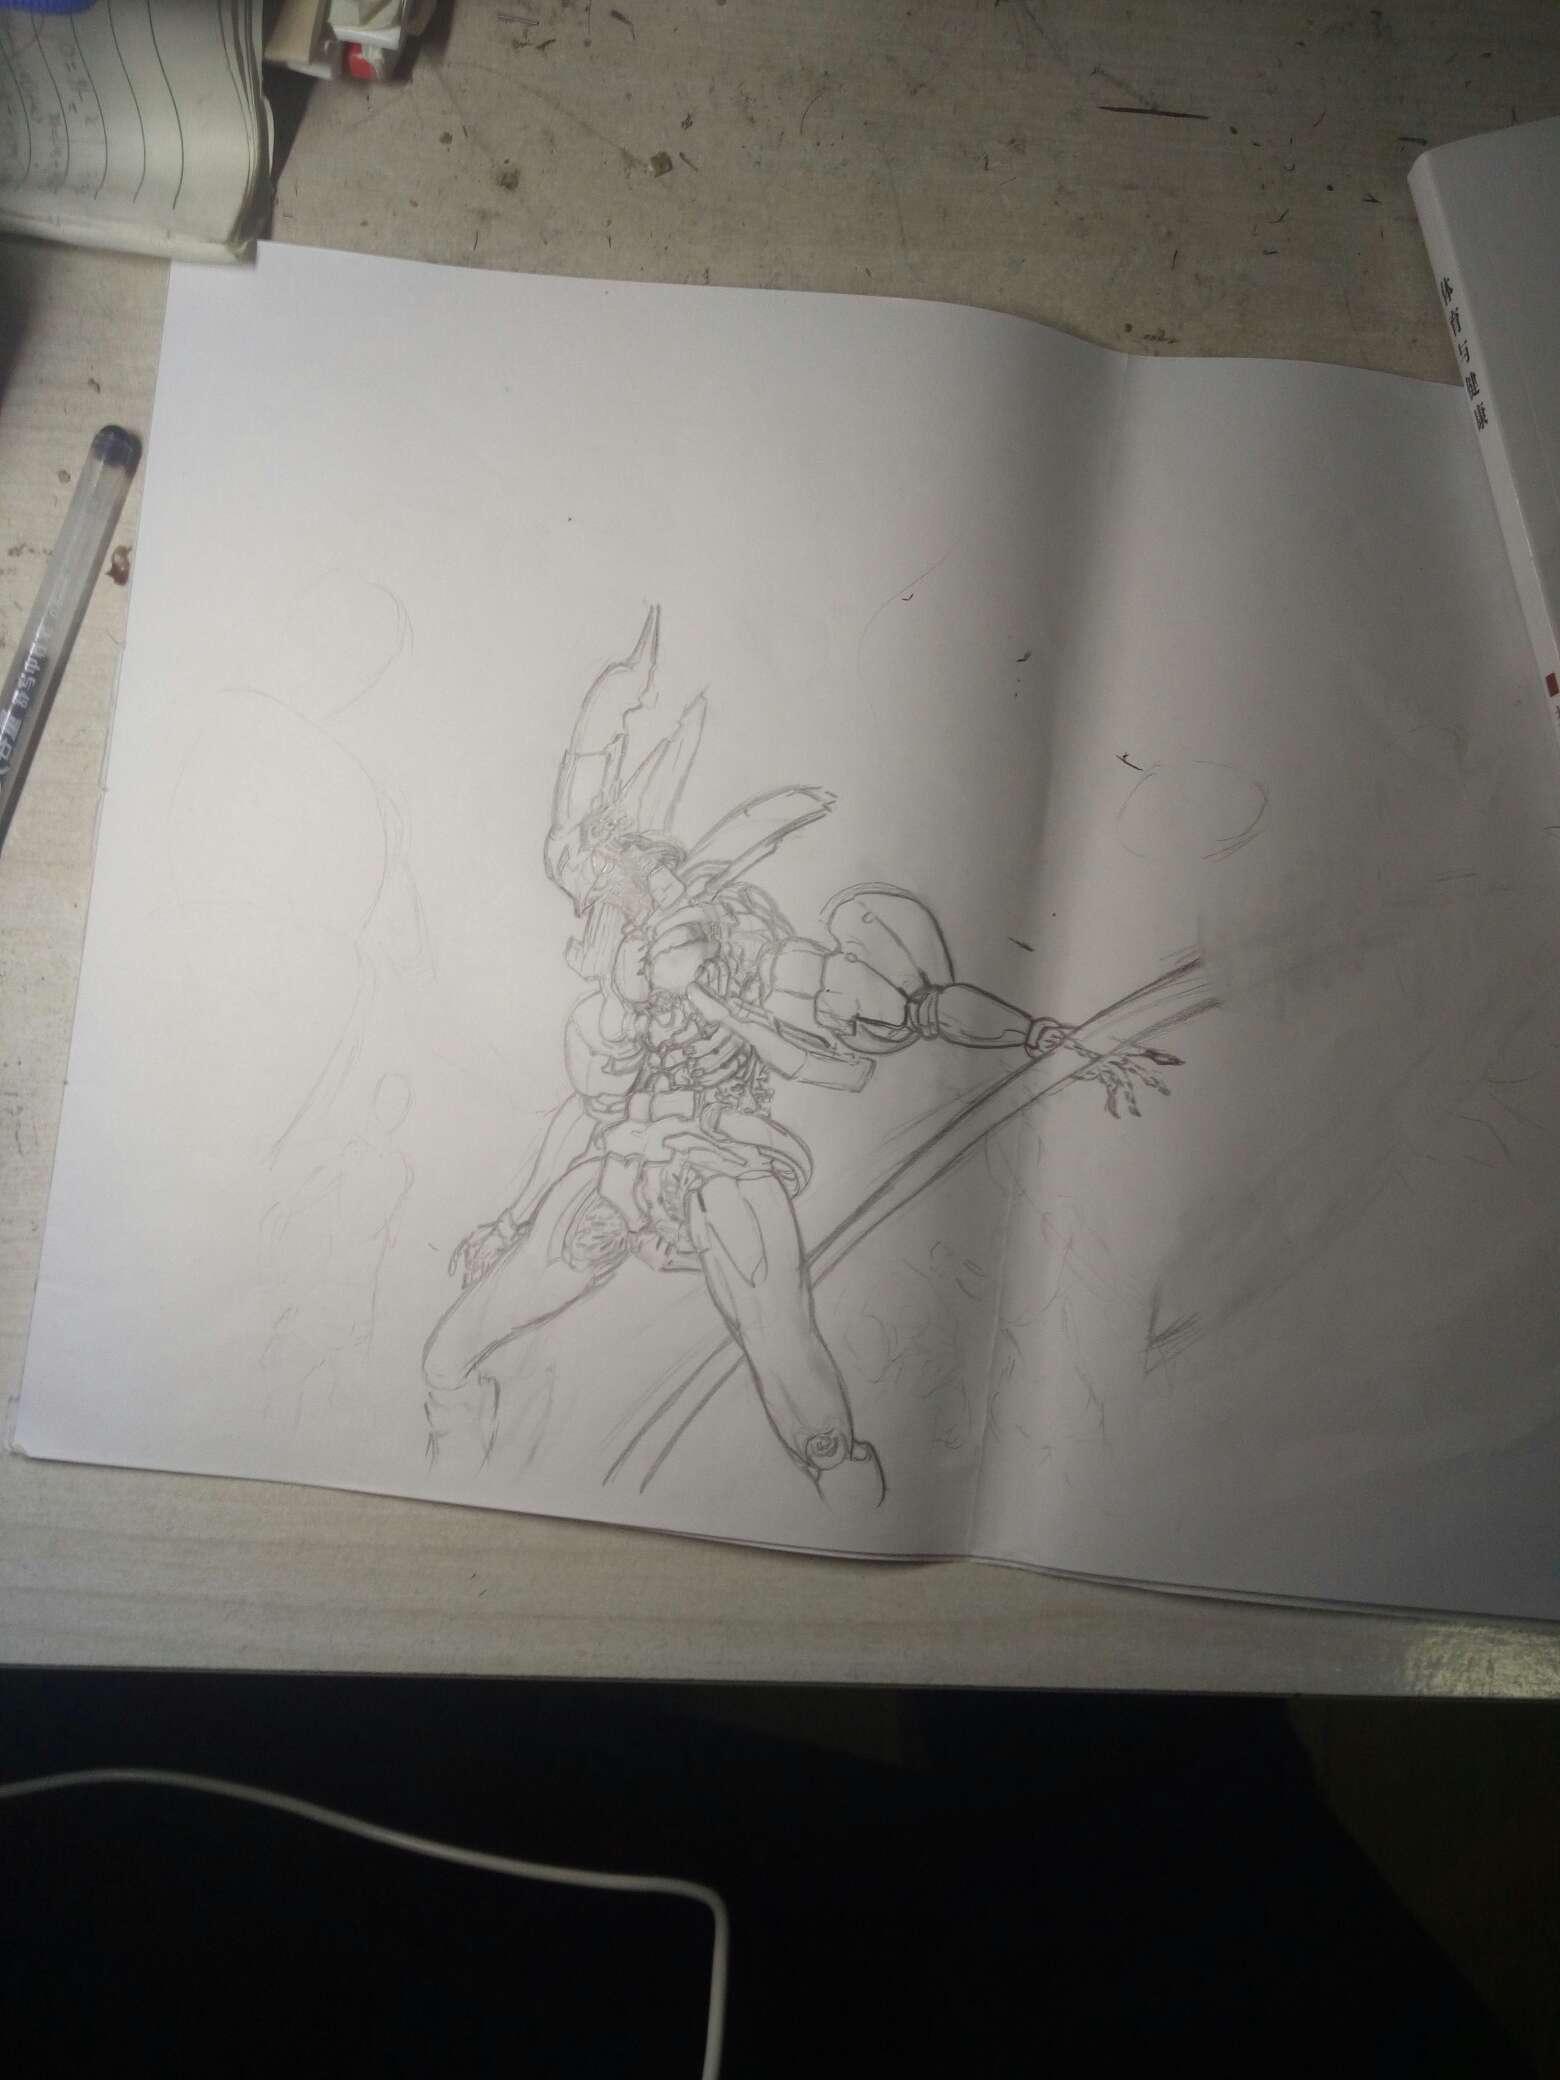 【手绘】机甲画风,哭泣的卡通少女图片